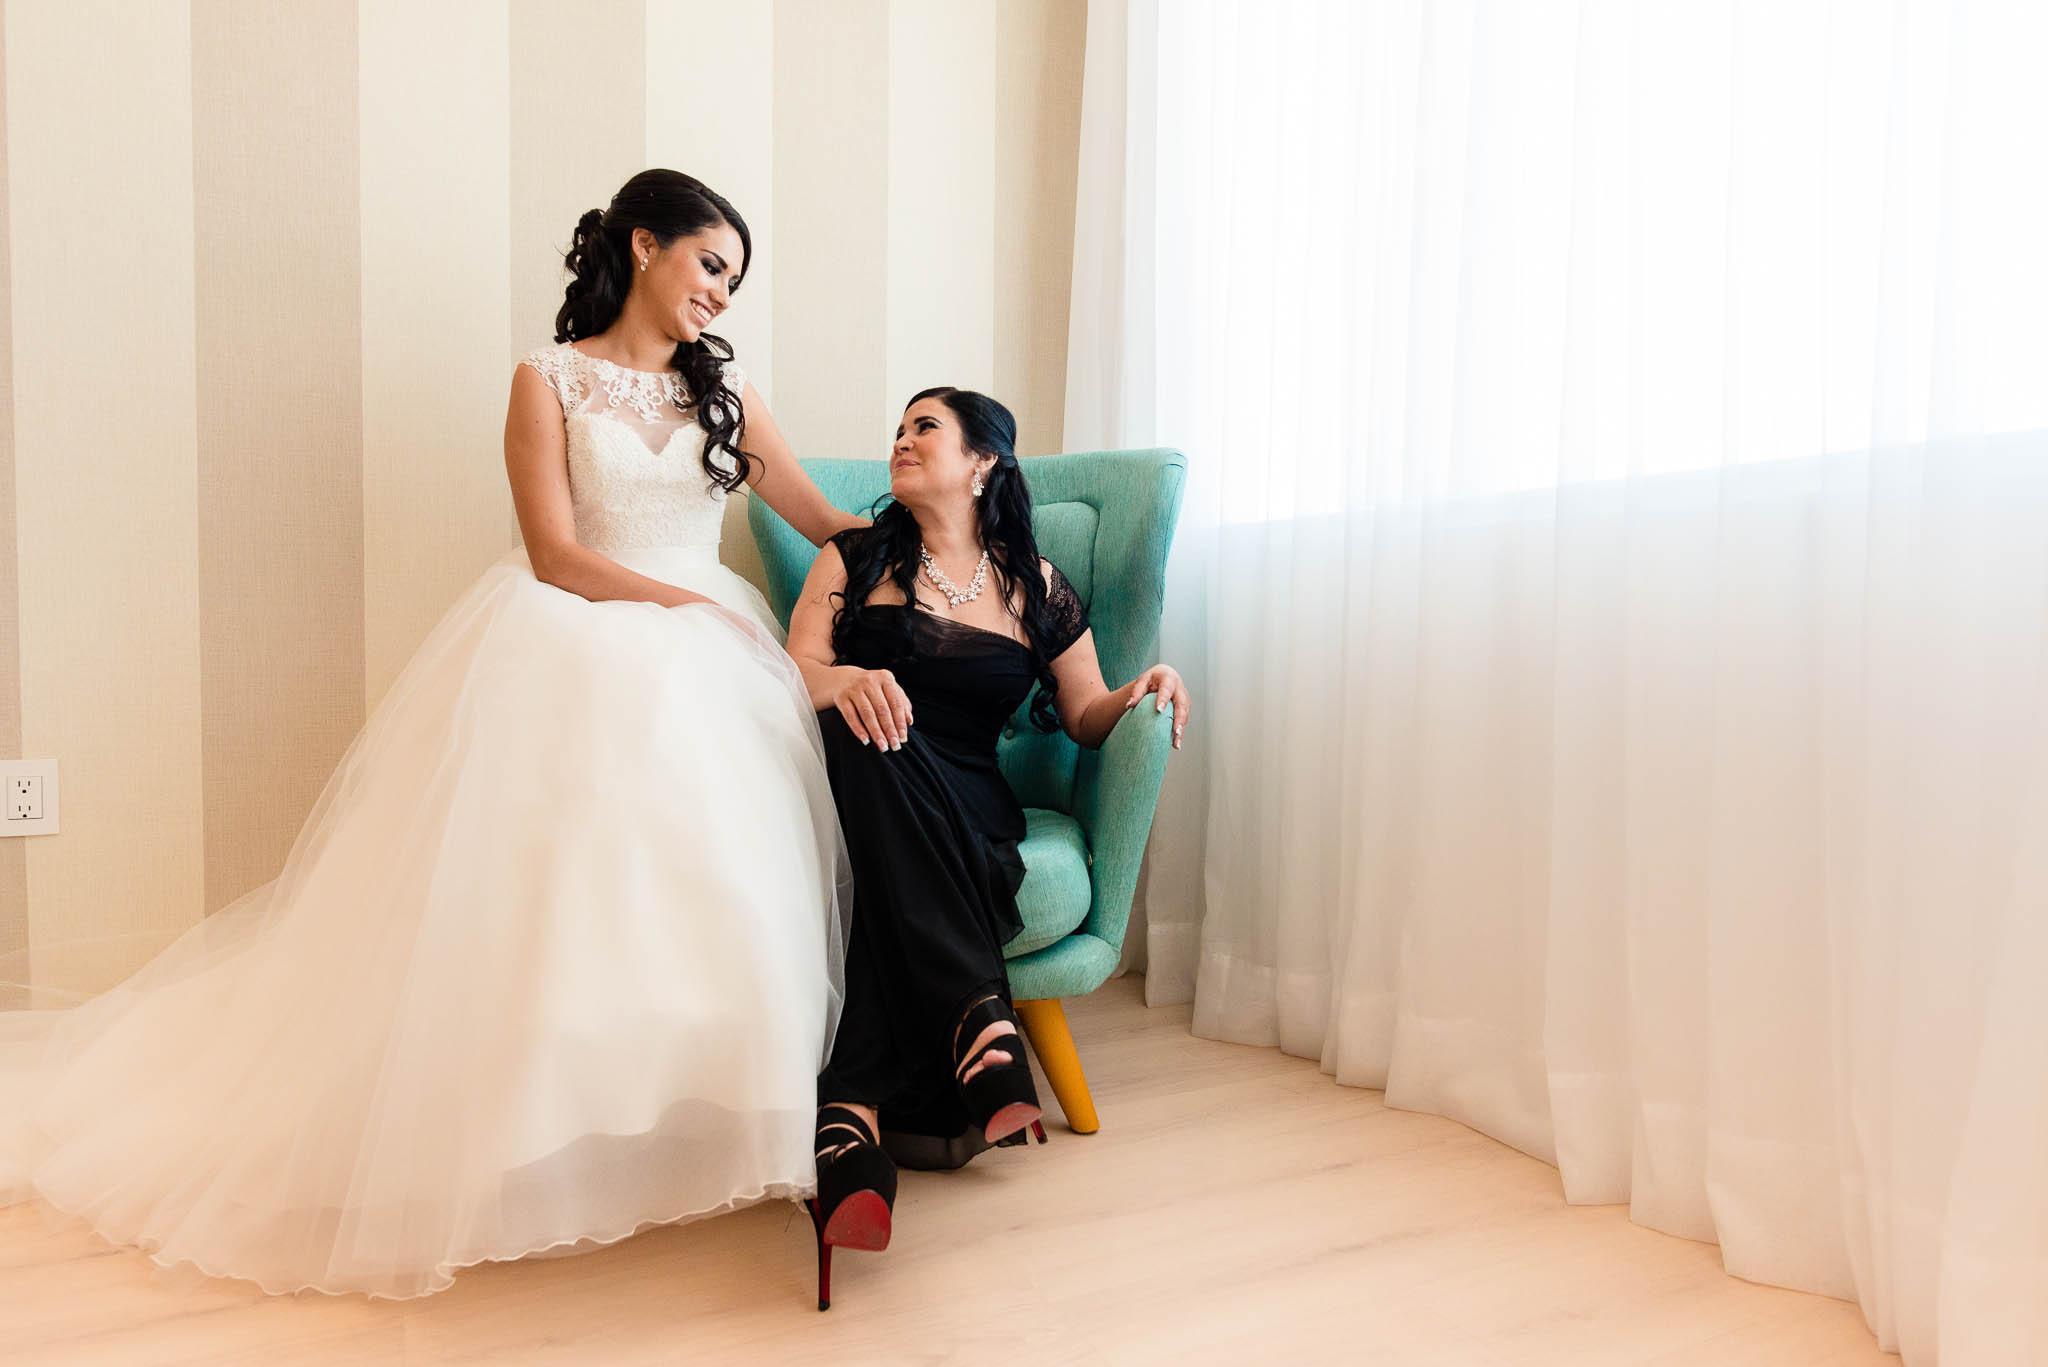 fotografo de bodas san luis potosi boda mexico wedding destination fotos de boda 49